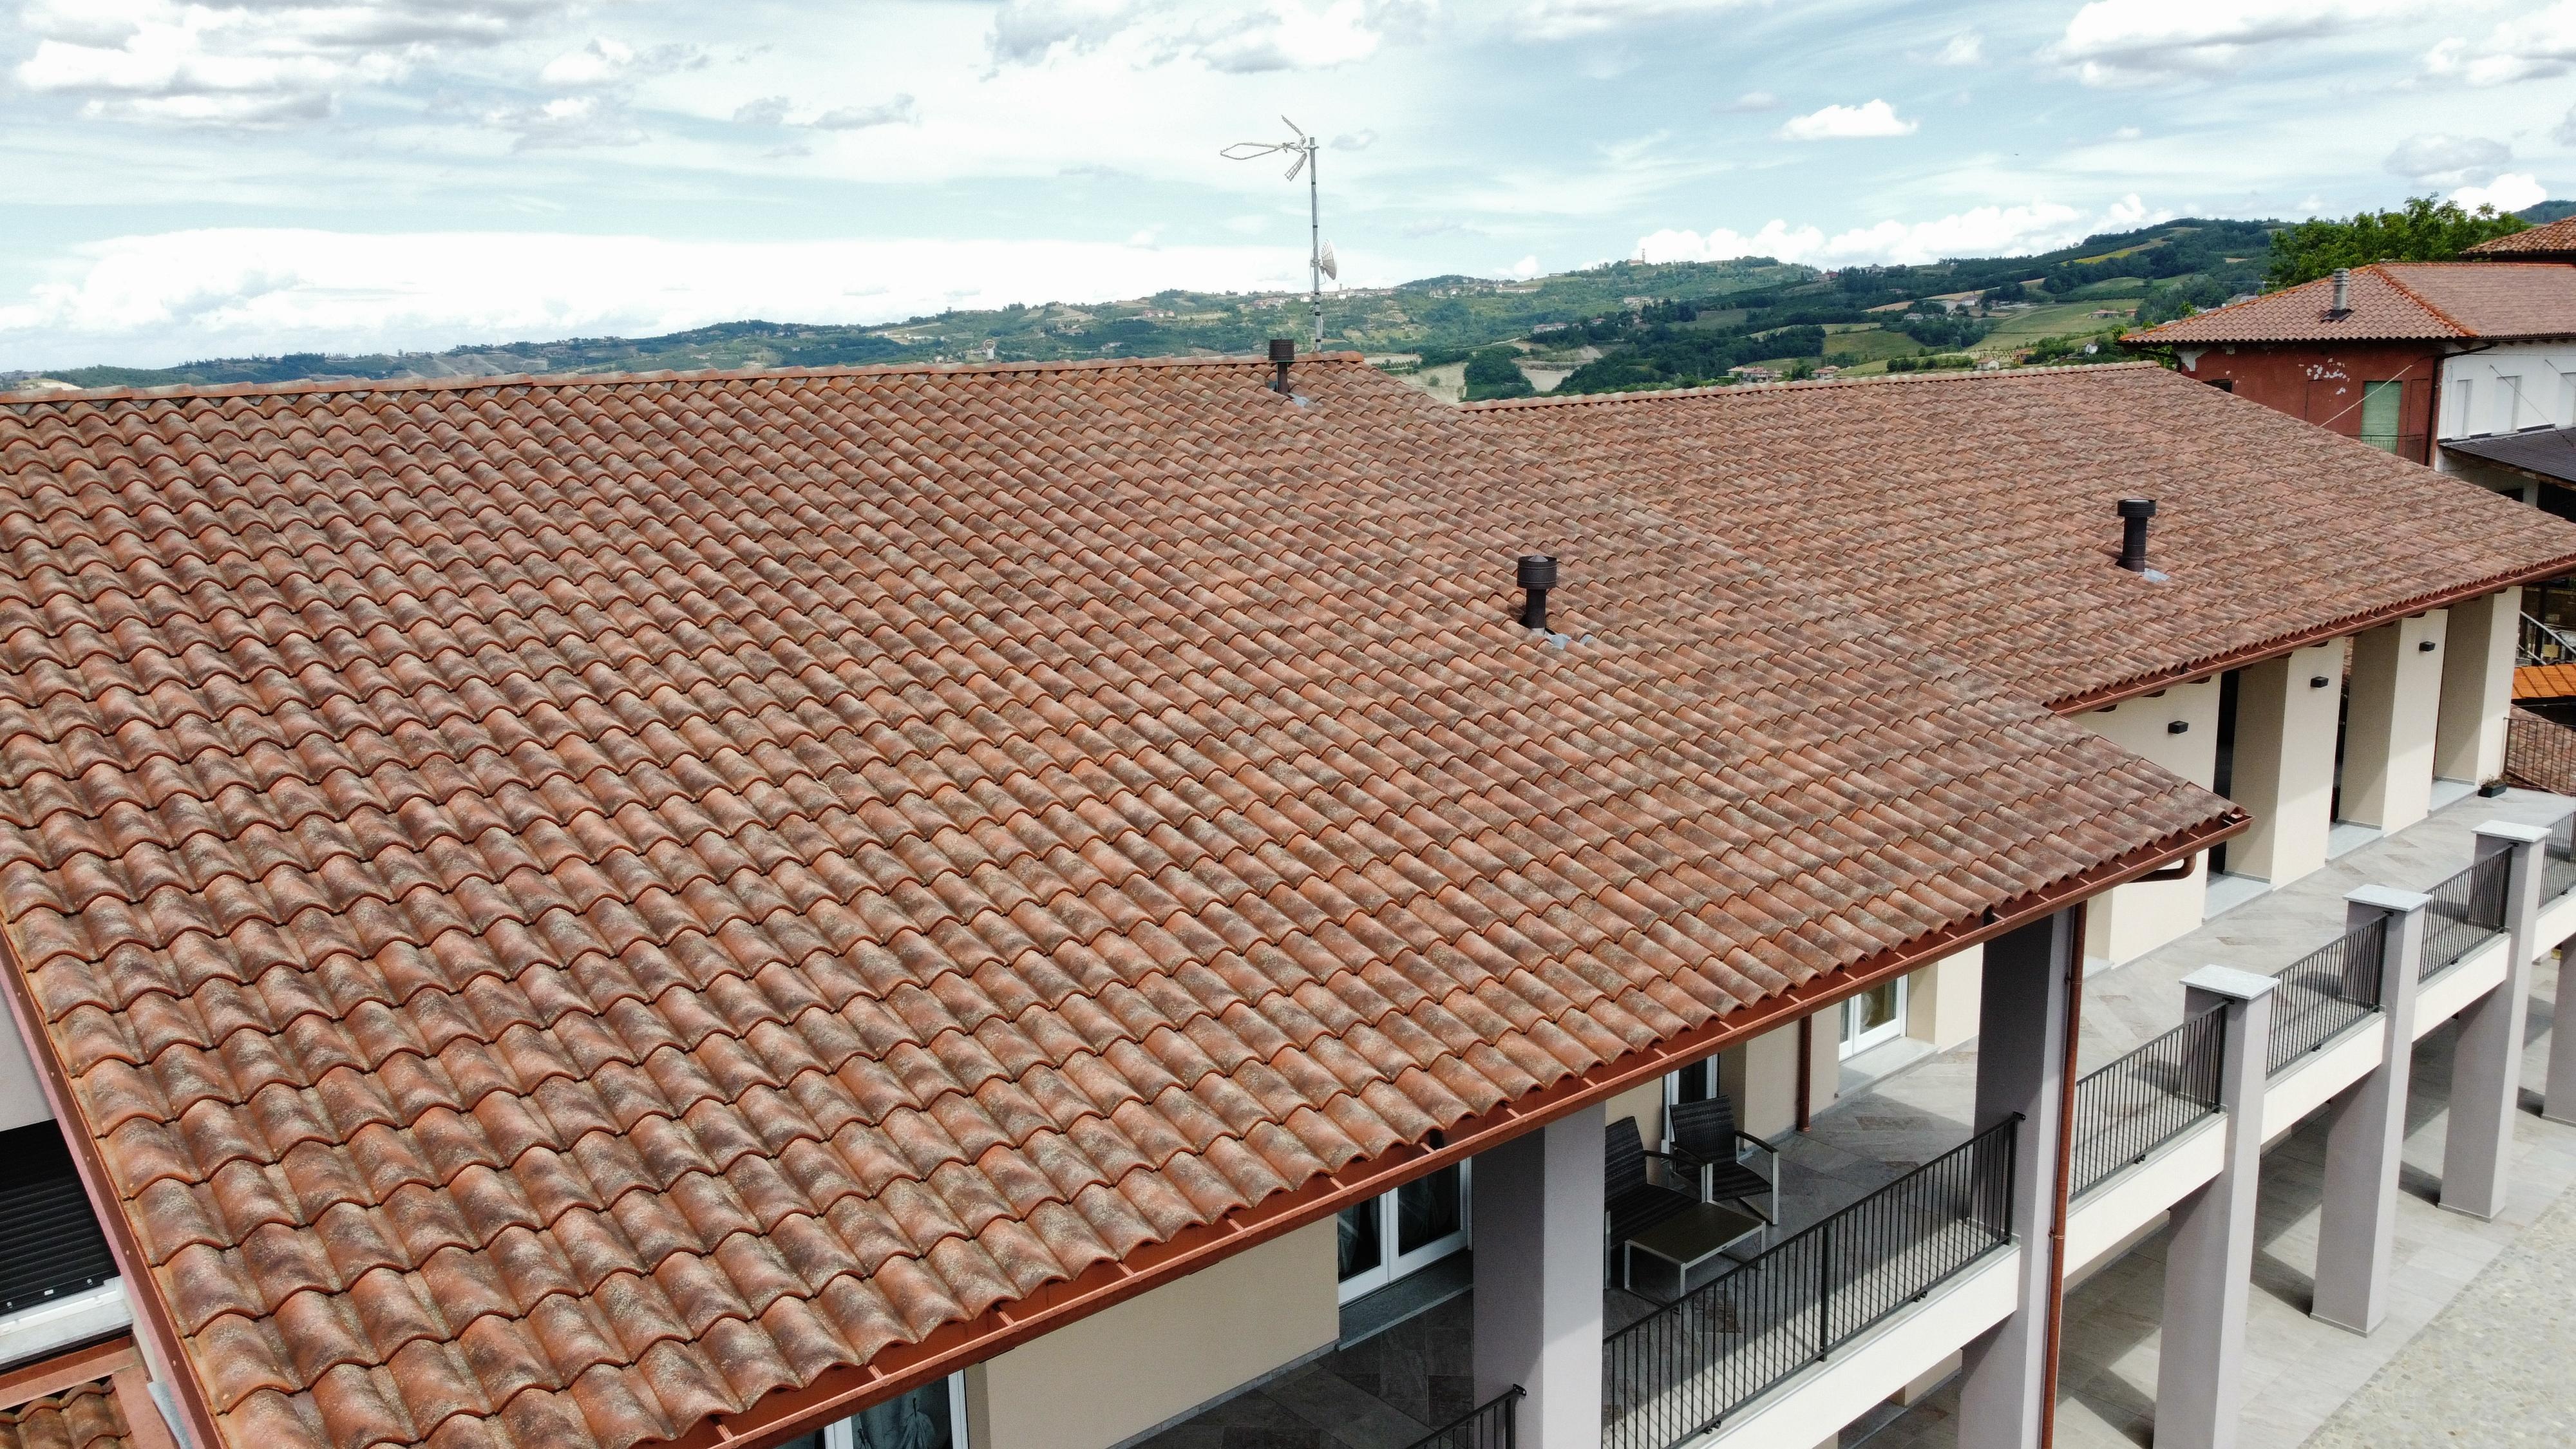 Társasház - Coppo SanMarco Evo Classico